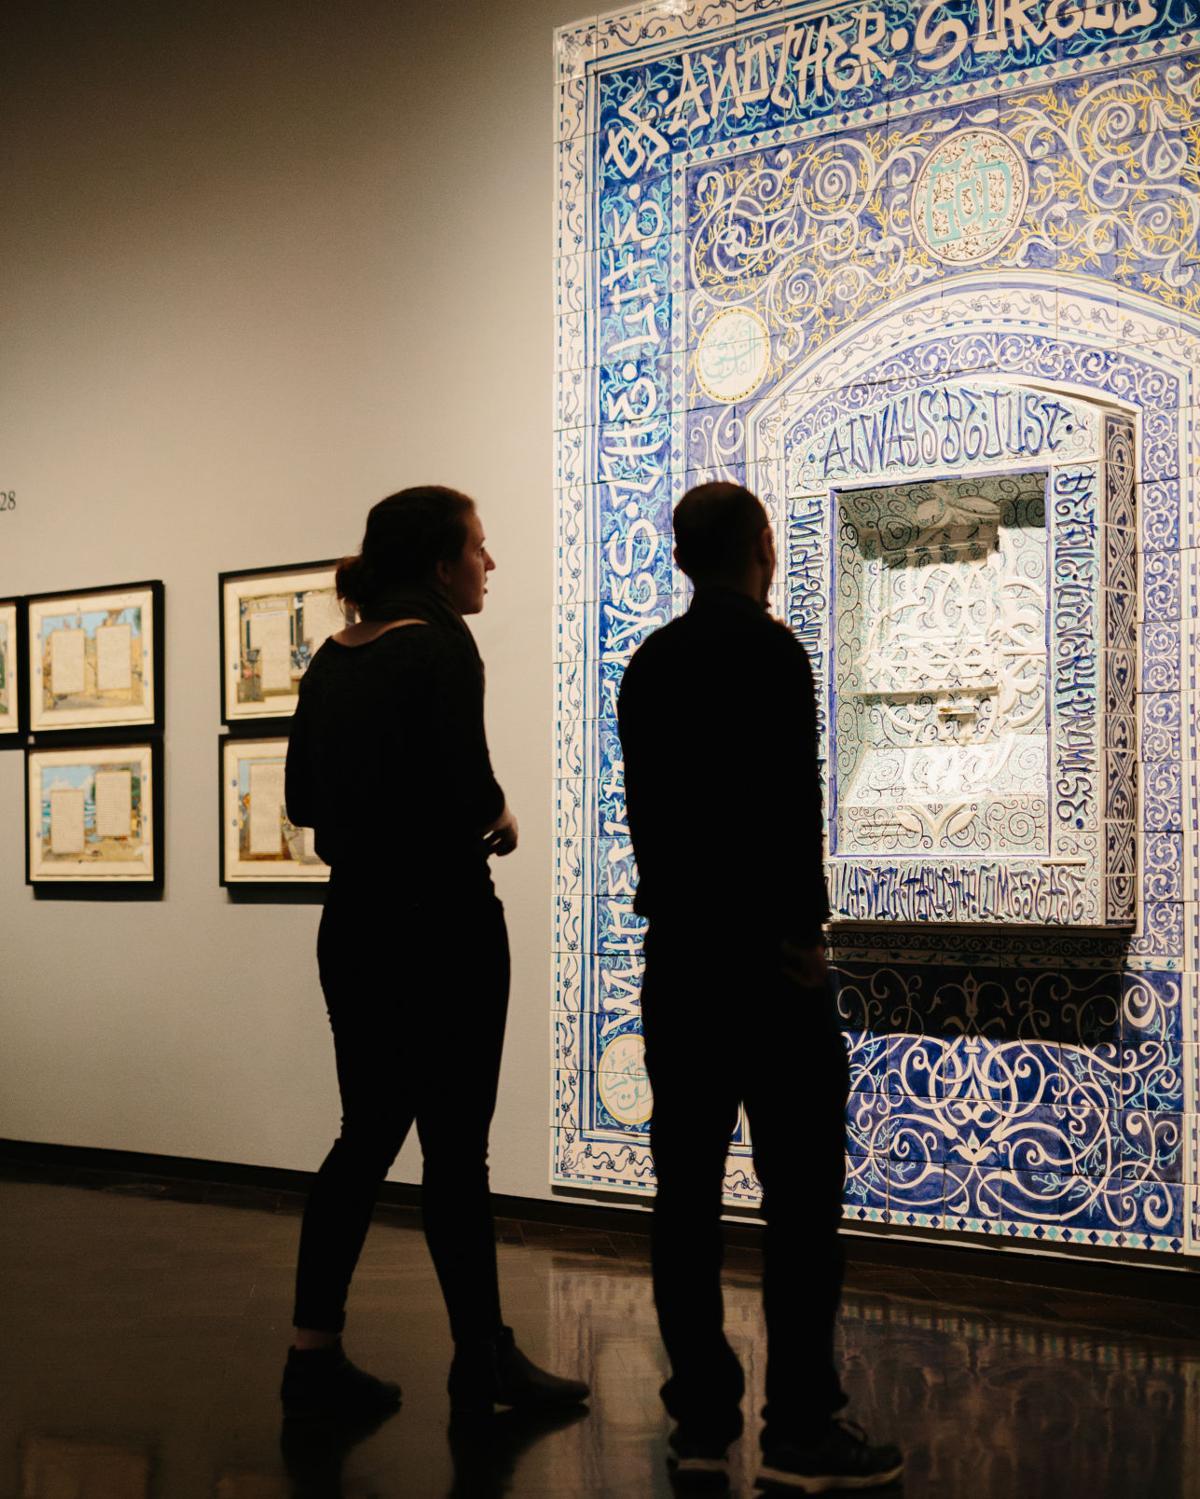 American Qur'an: Cultural Understanding Through Art